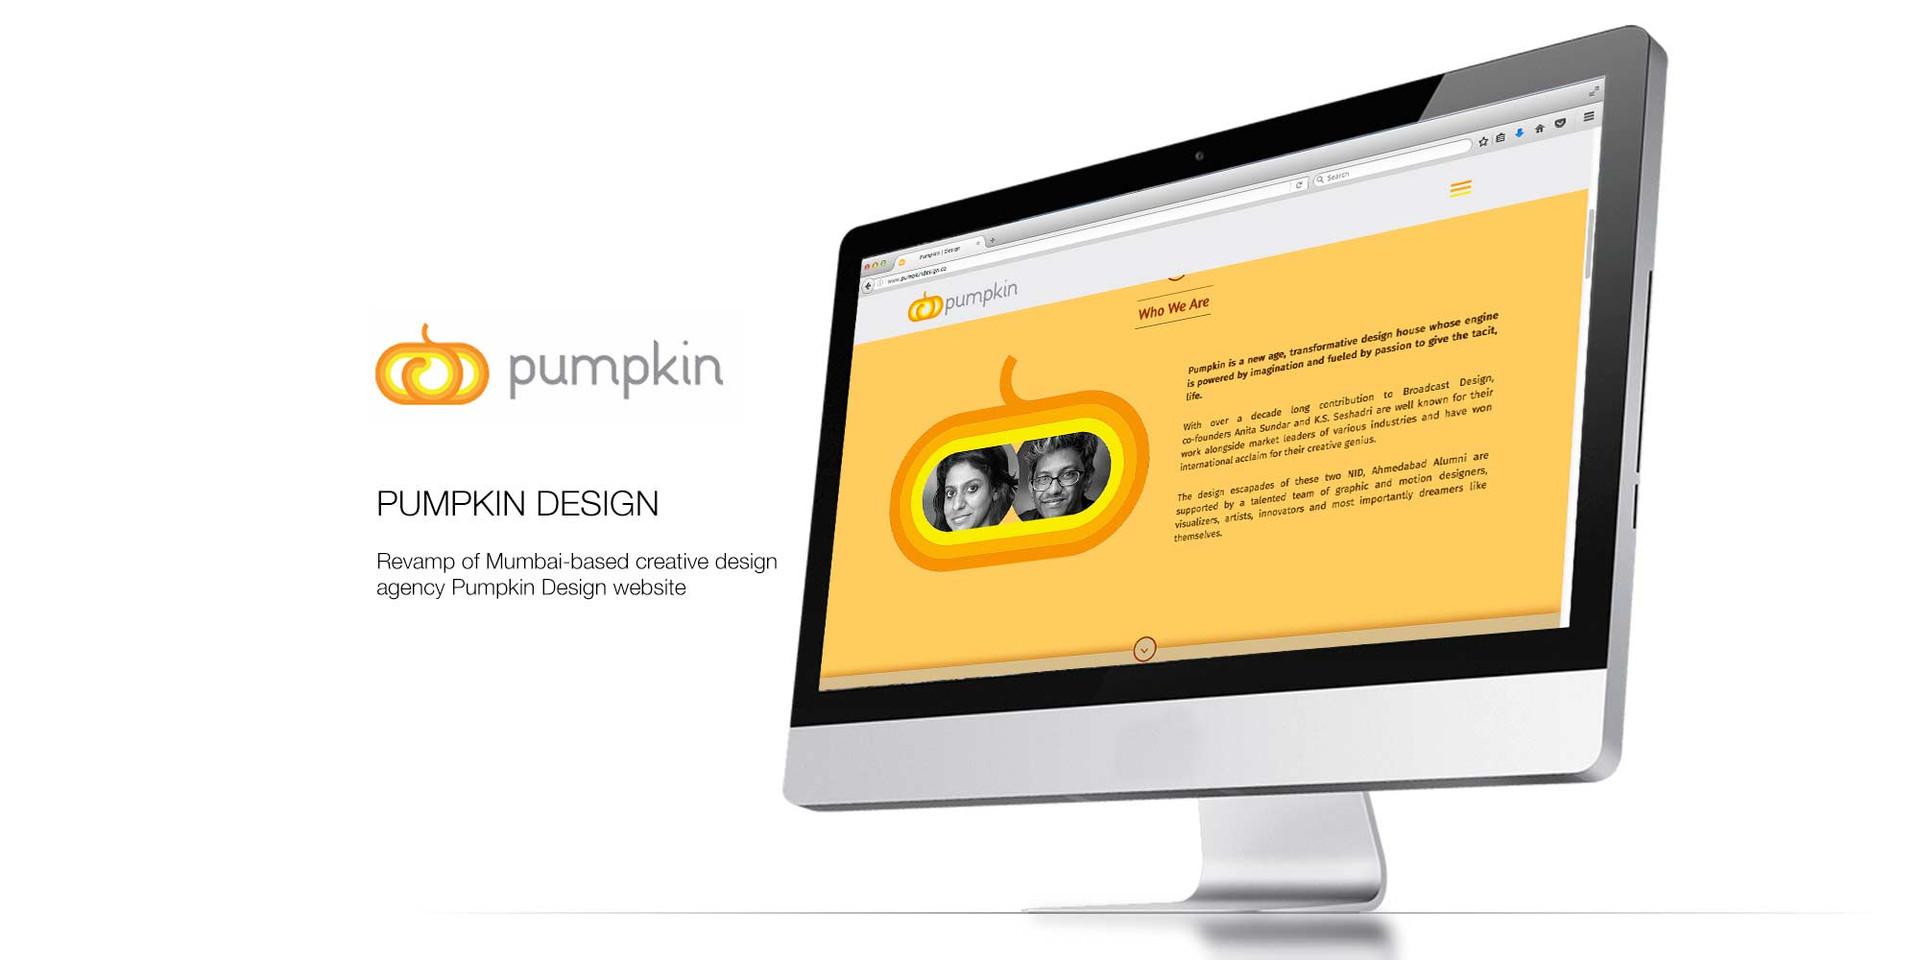 Pumpkin Design Website